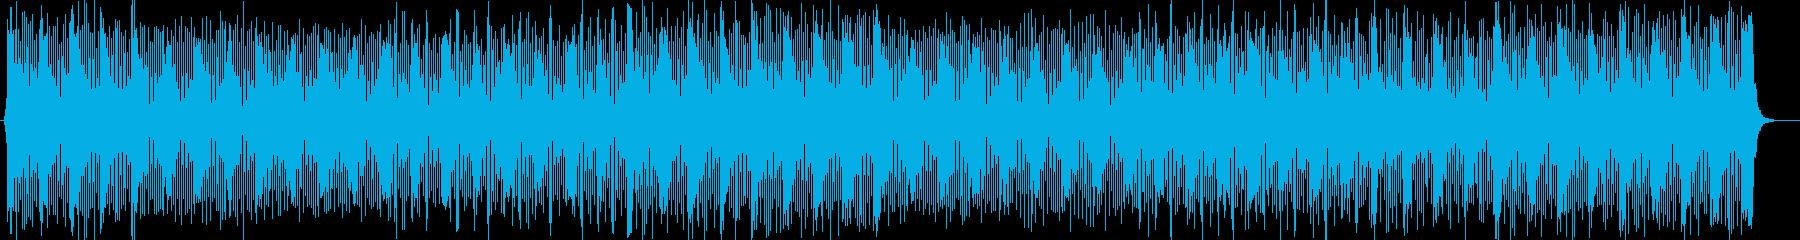 ご機嫌なメロディが楽しい明るいポップスの再生済みの波形